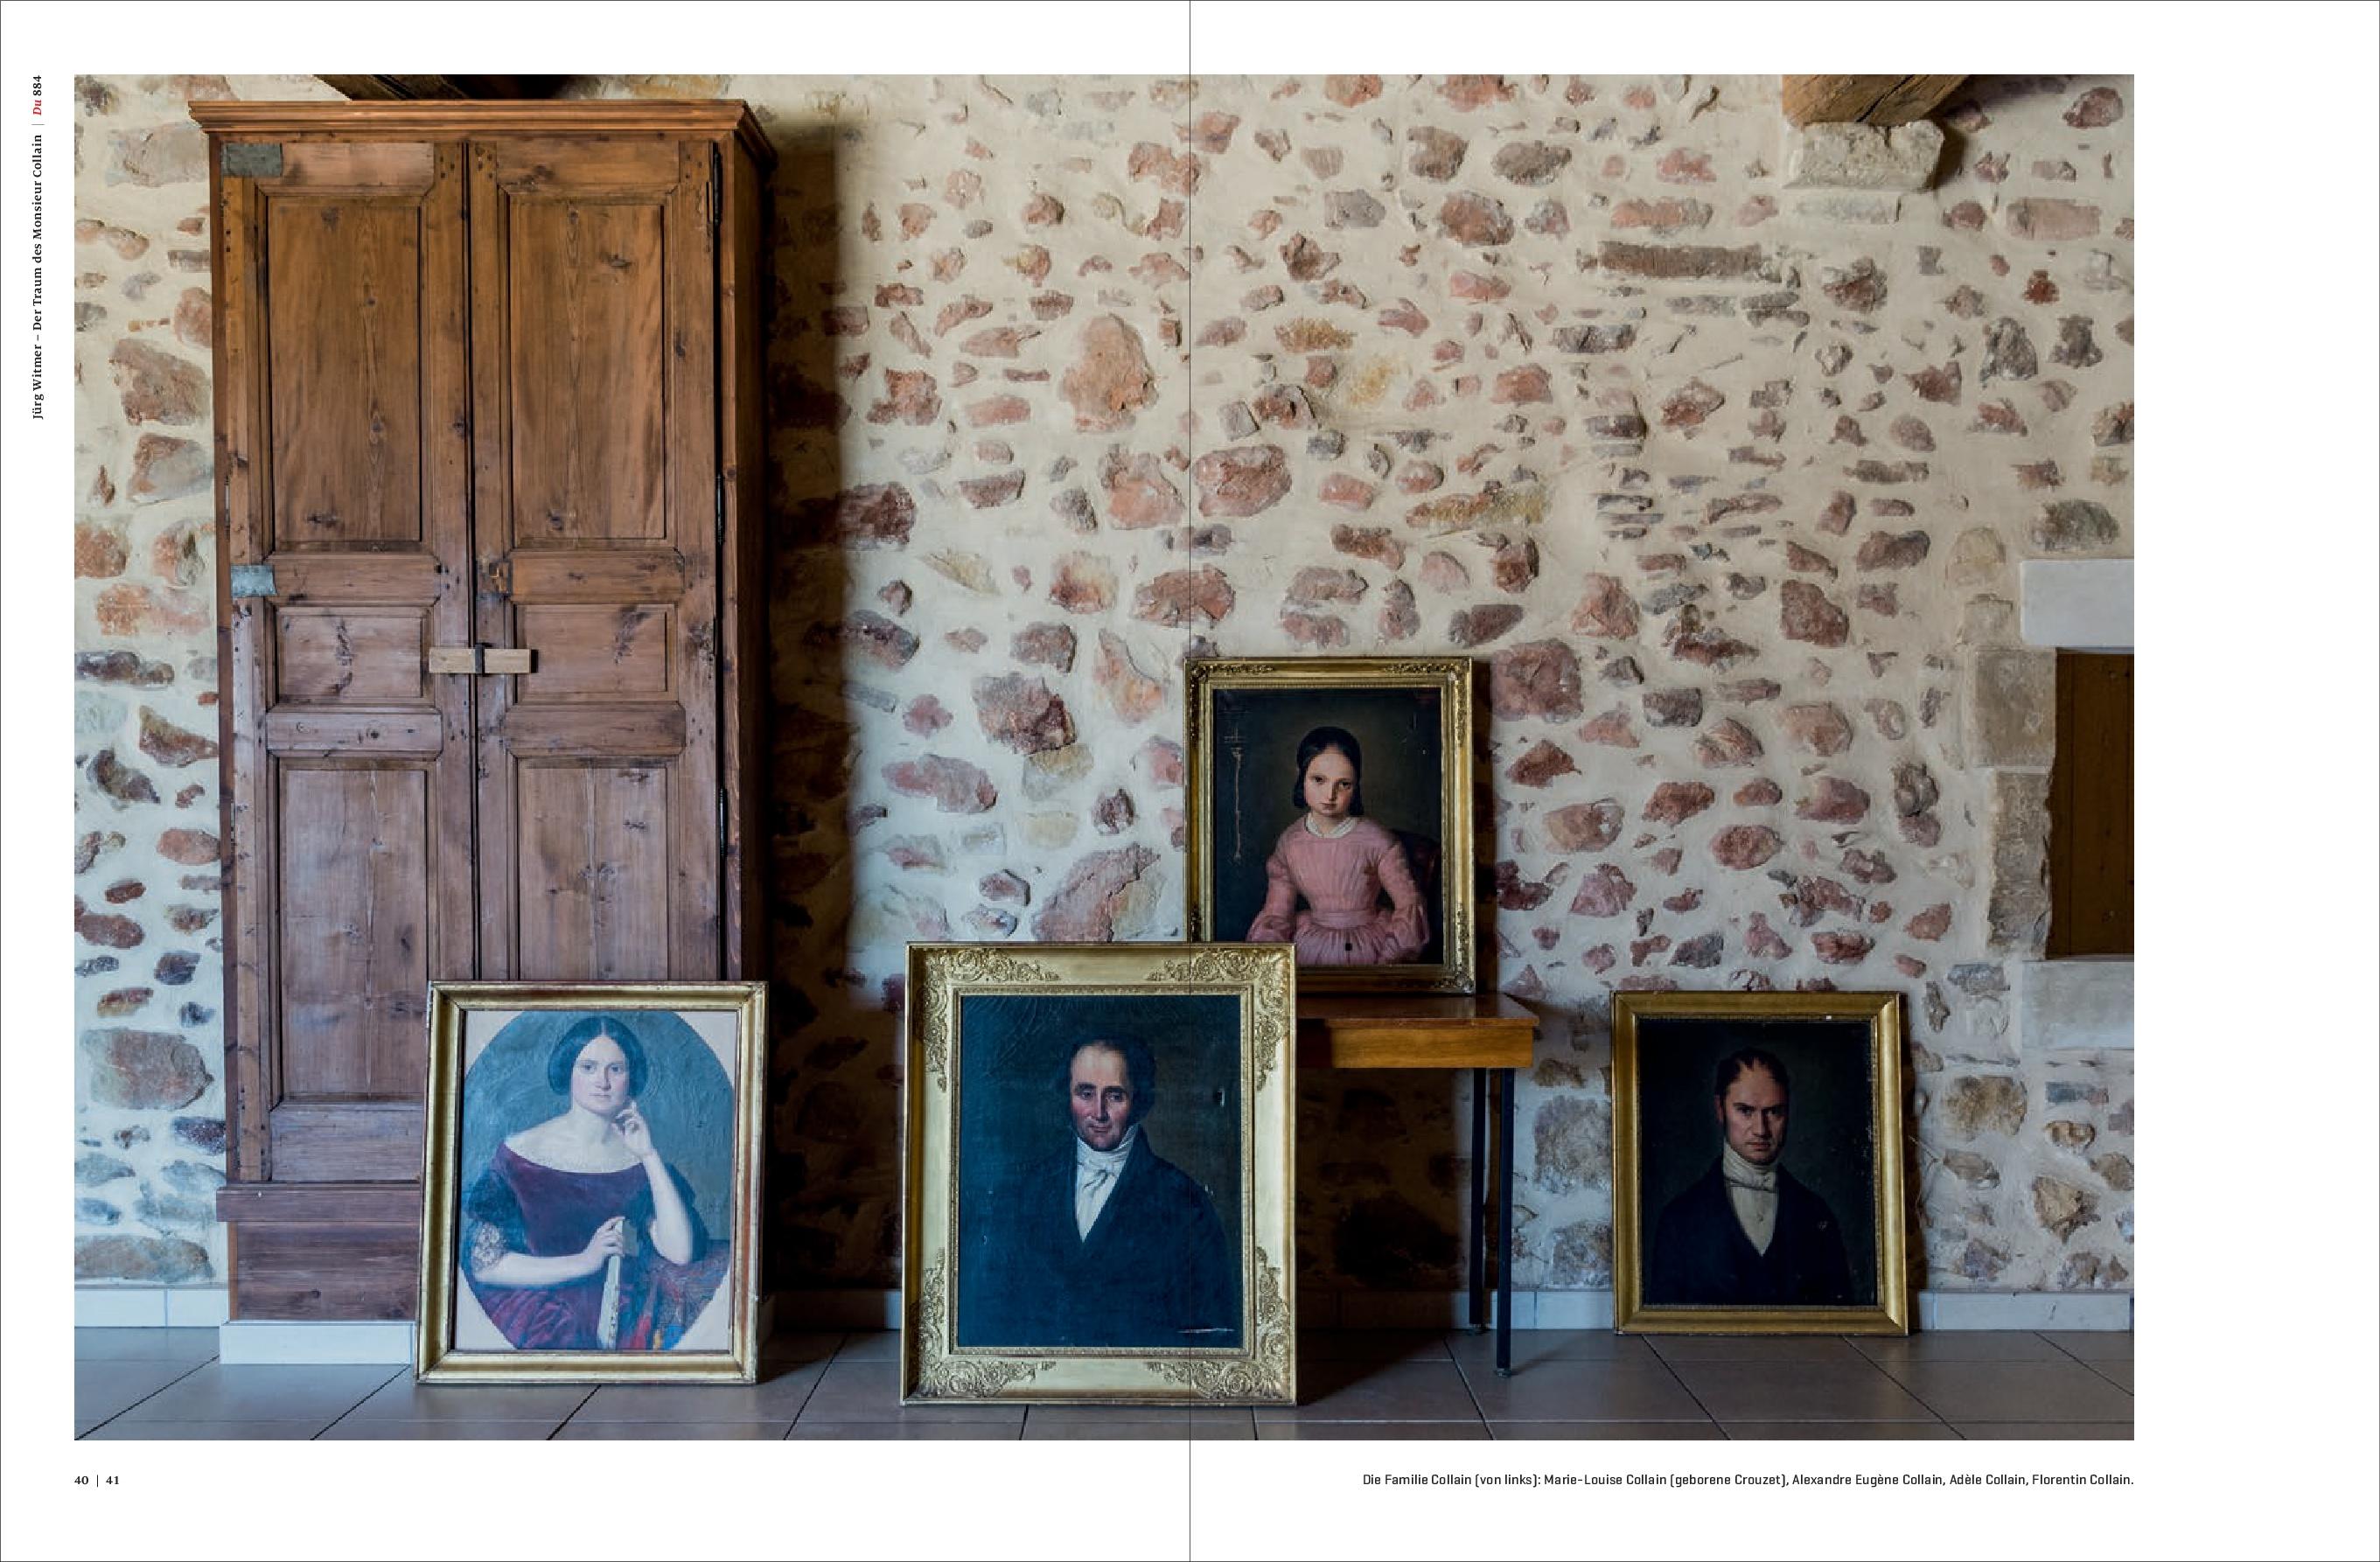 Des tableaux de la famille Collain